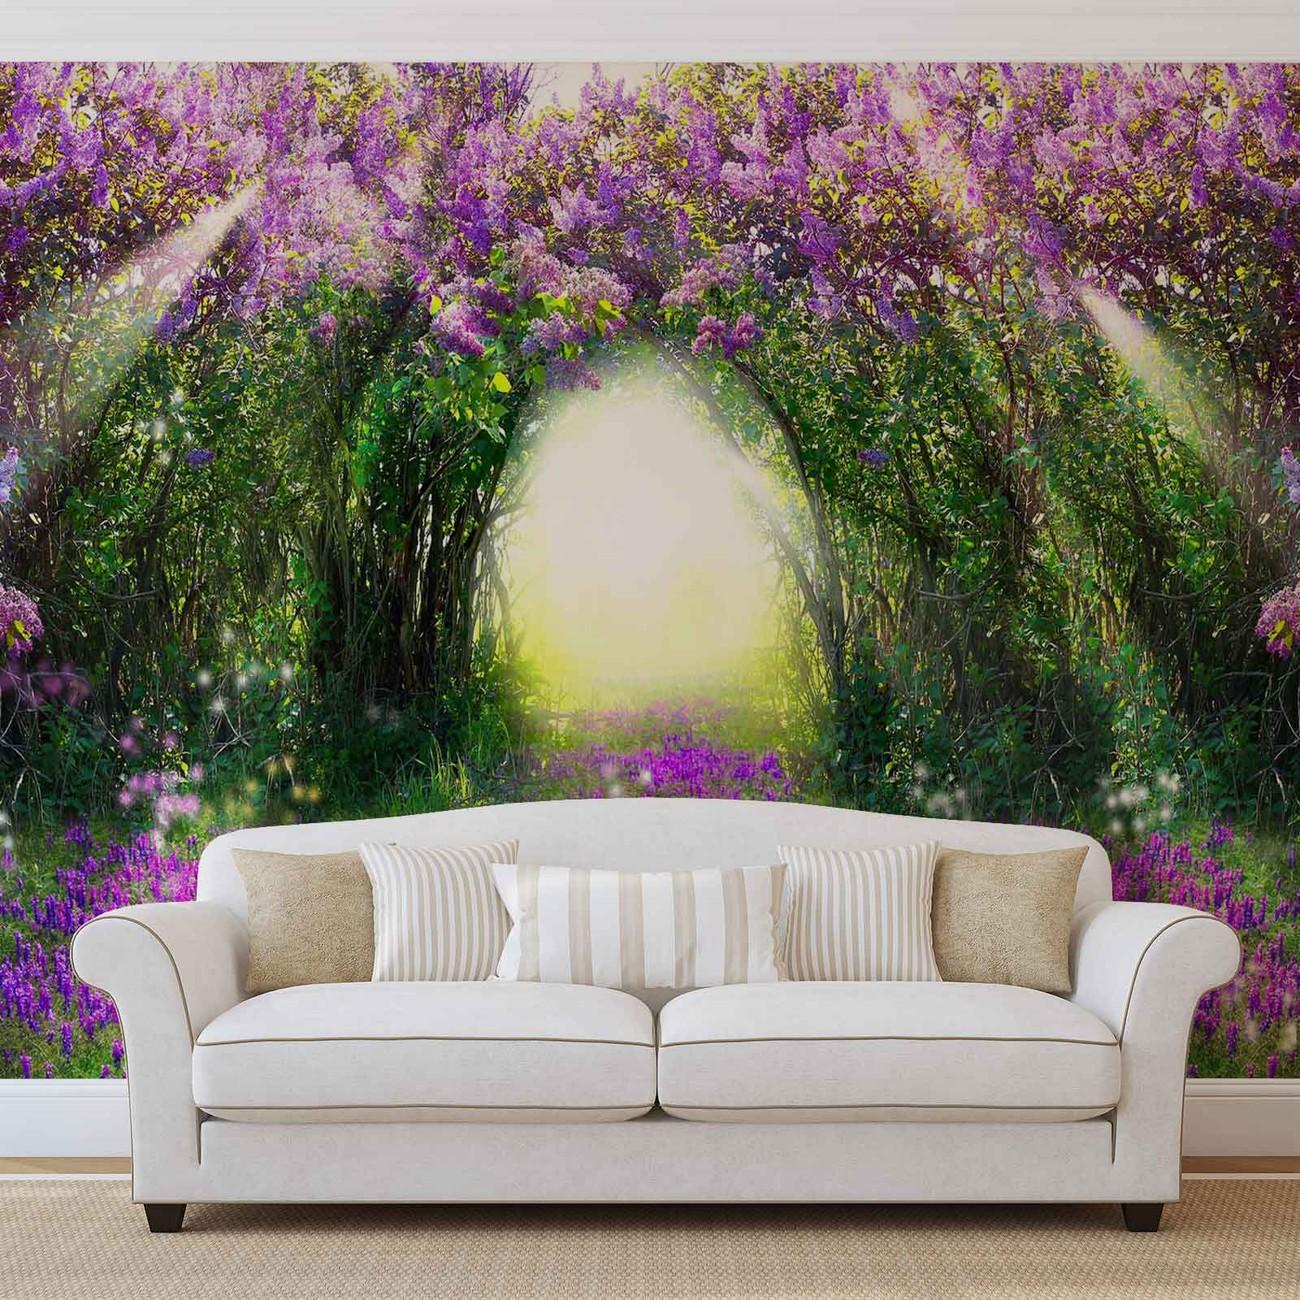 fototapete tapete blumen lila wald licht strahl natur bei europosters kostenloser versand. Black Bedroom Furniture Sets. Home Design Ideas